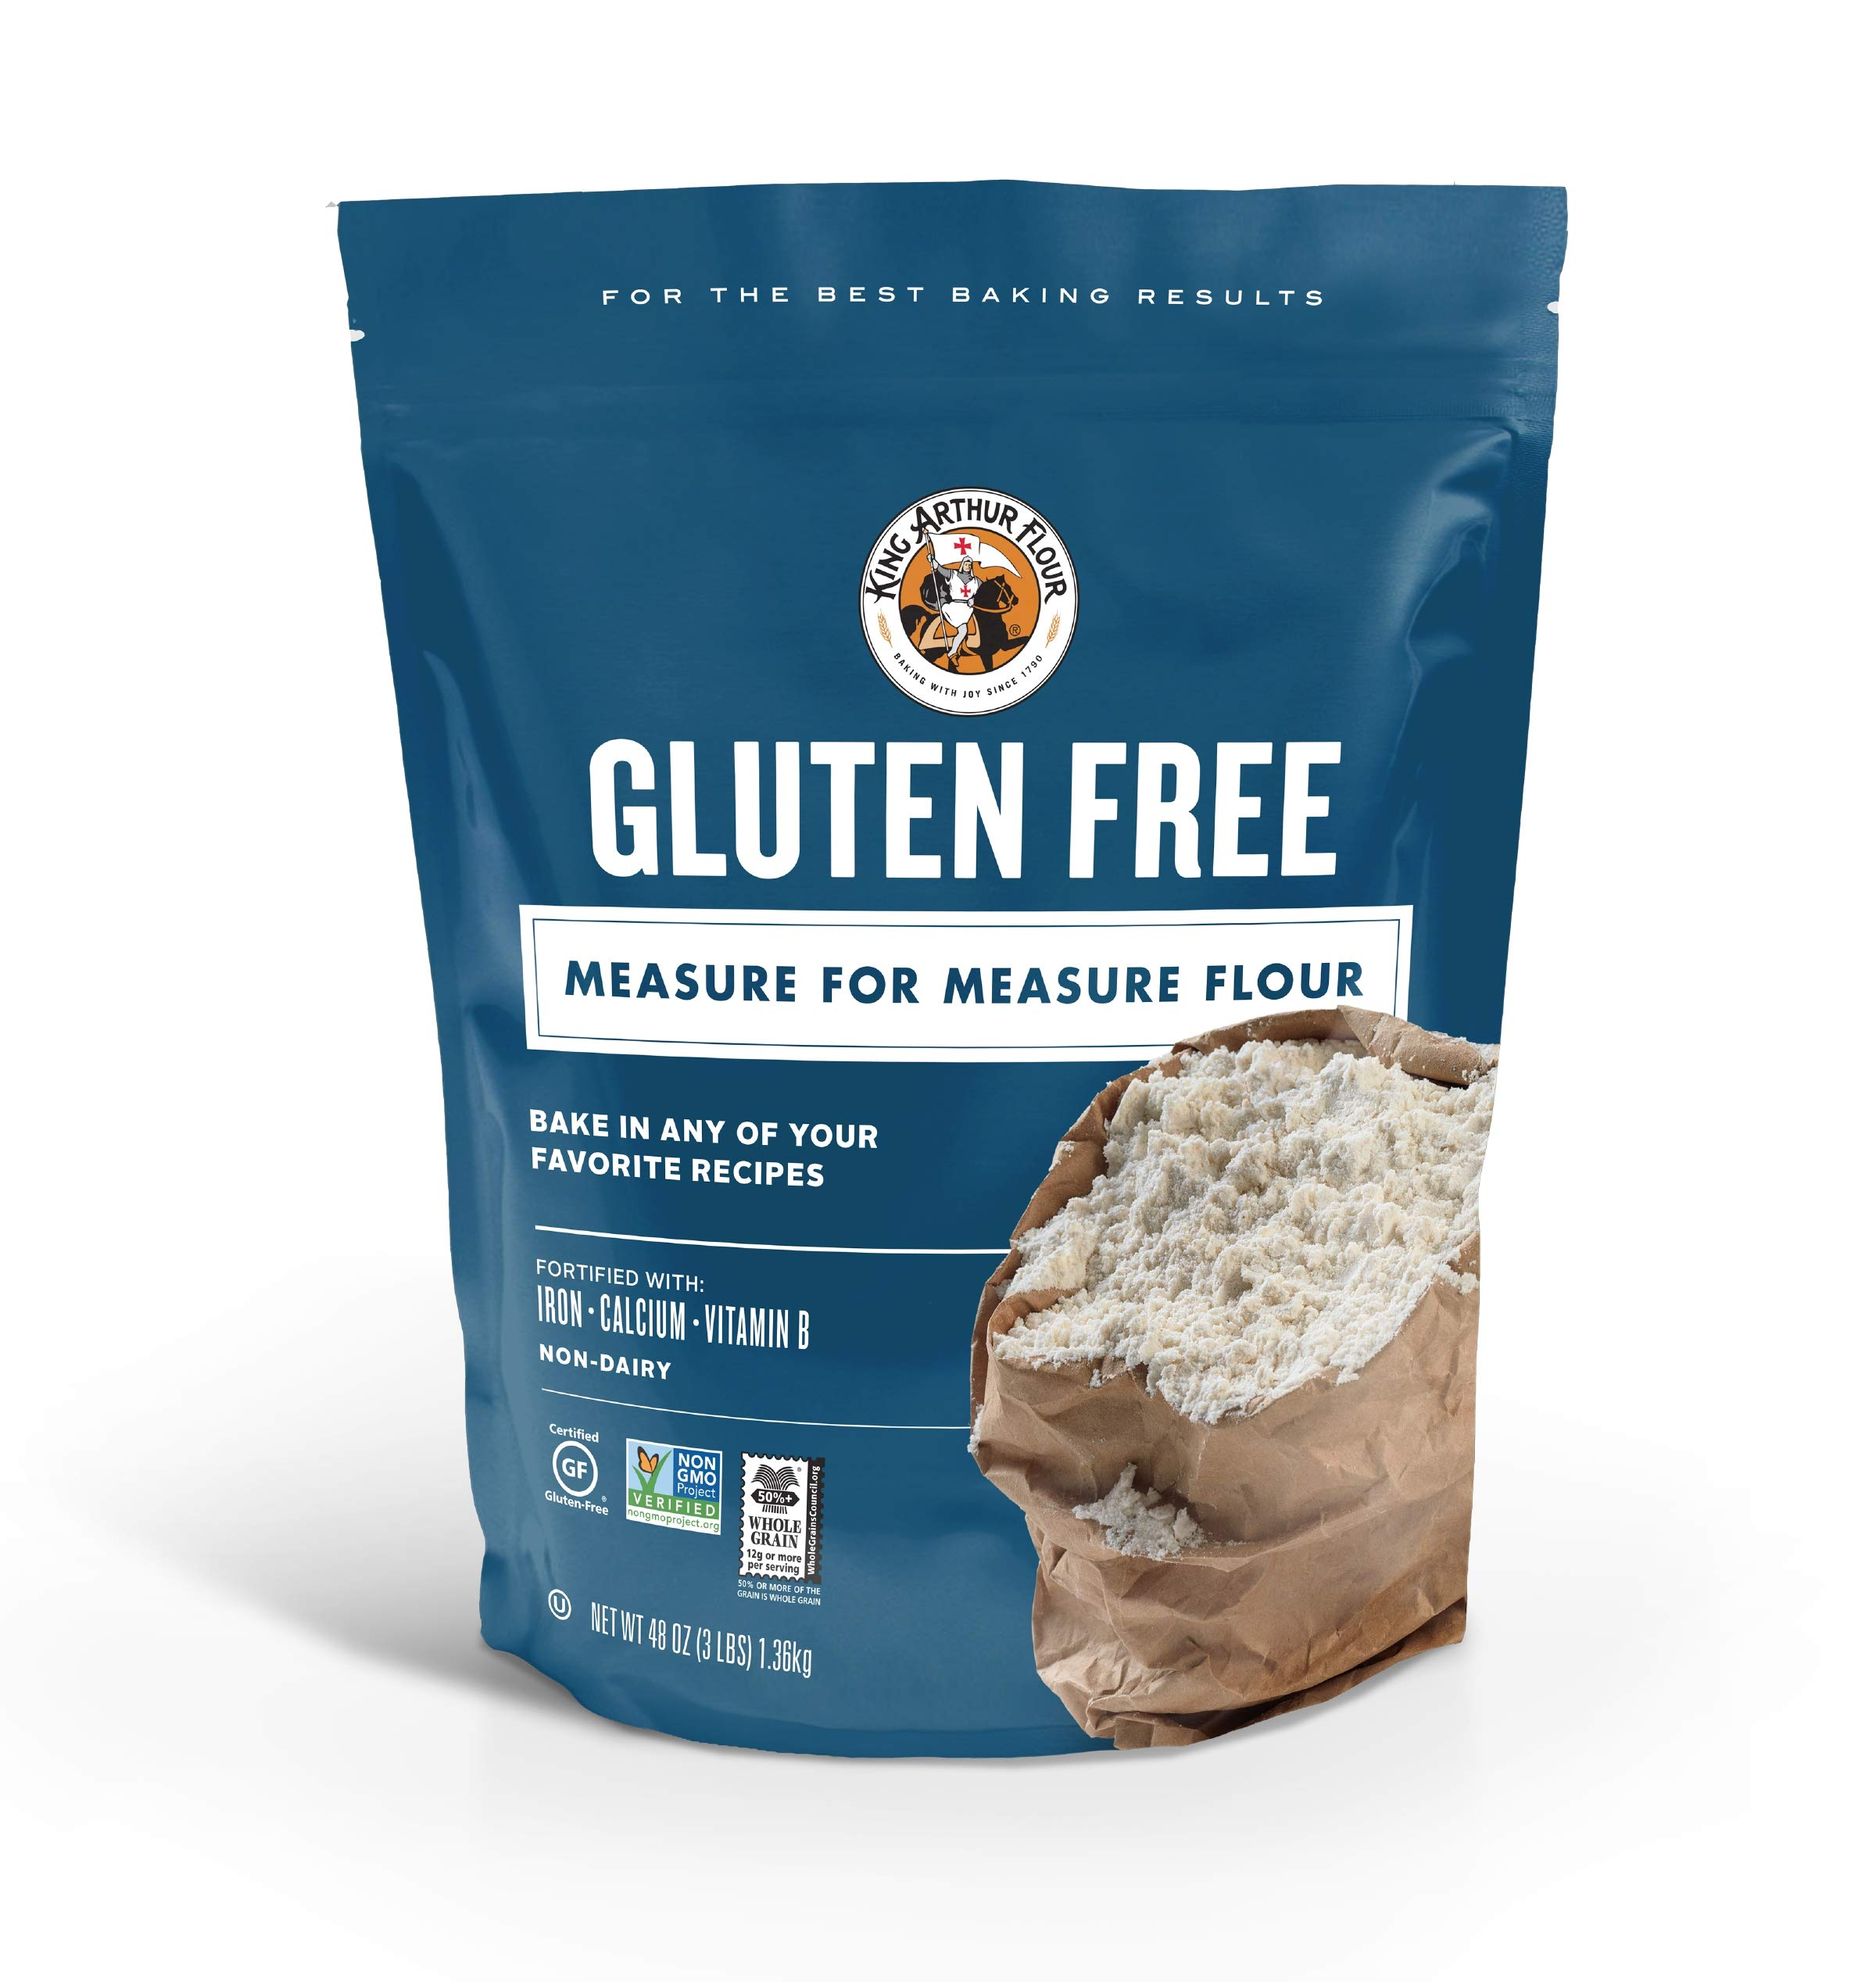 Amazon King Arthur Flour Gluten Free Measure For